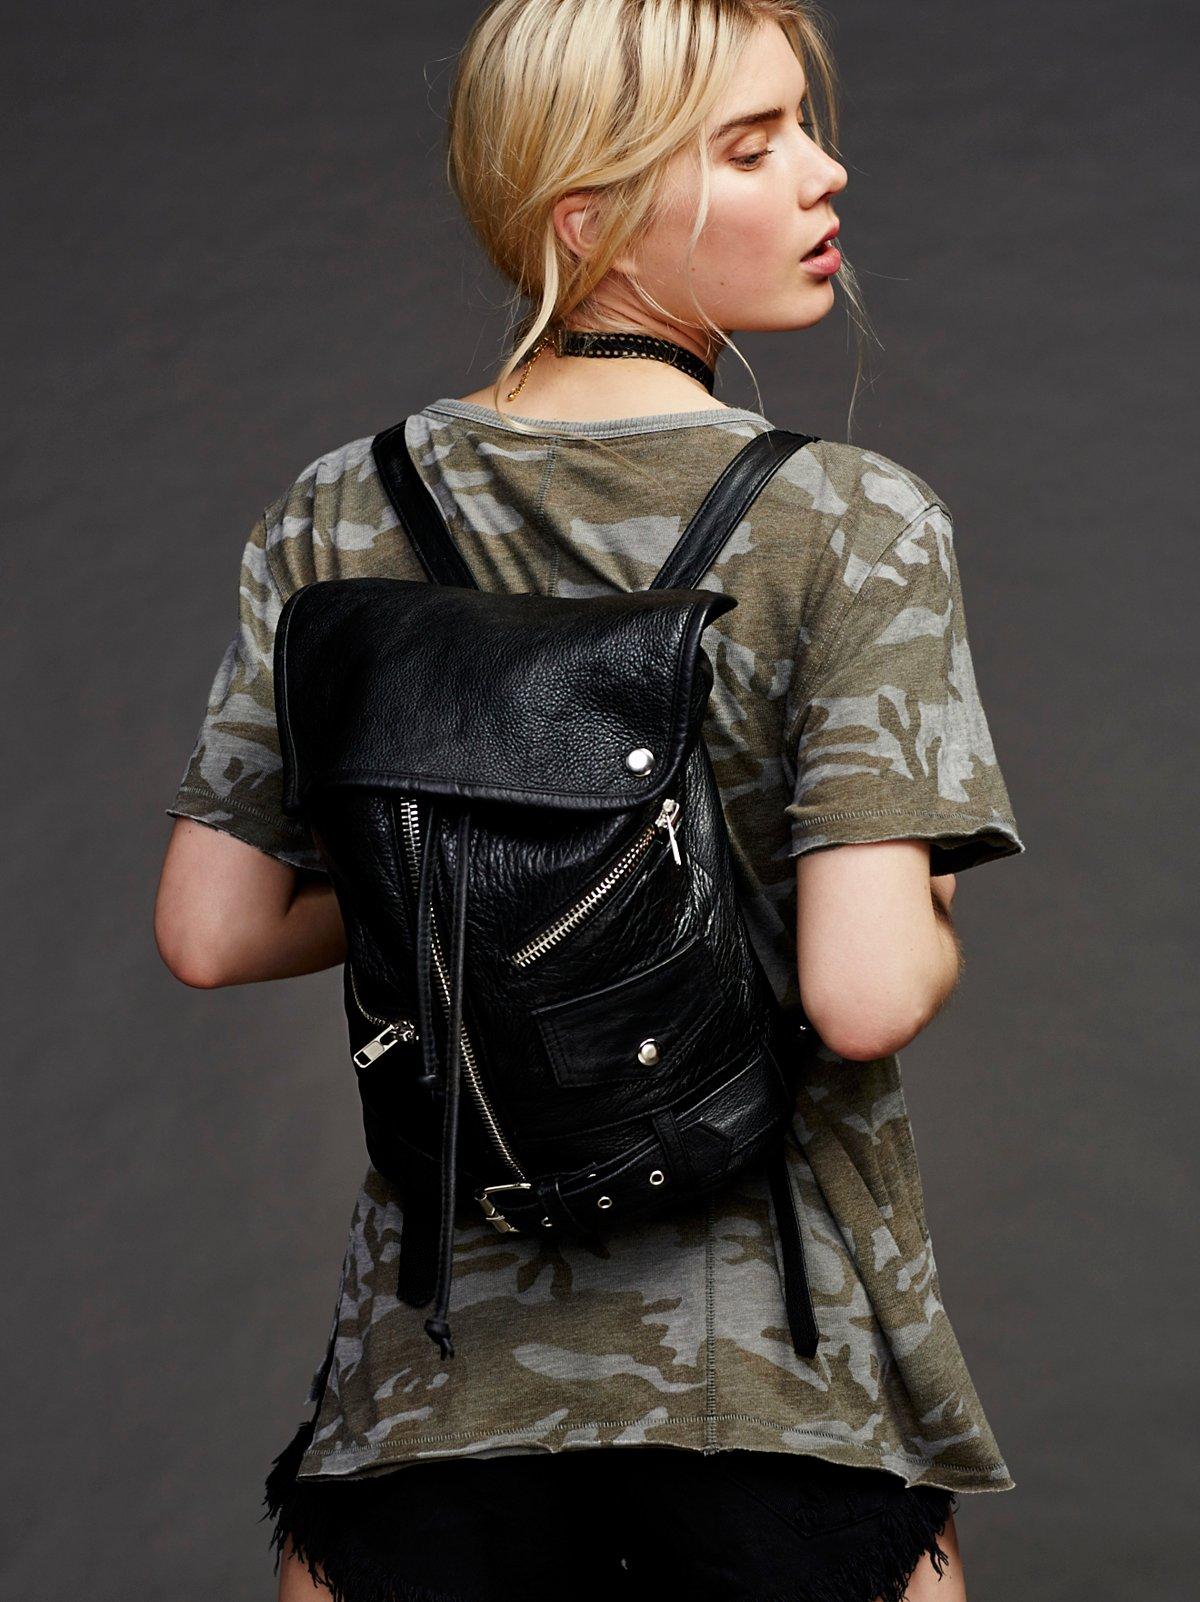 Edie皮革双肩背包